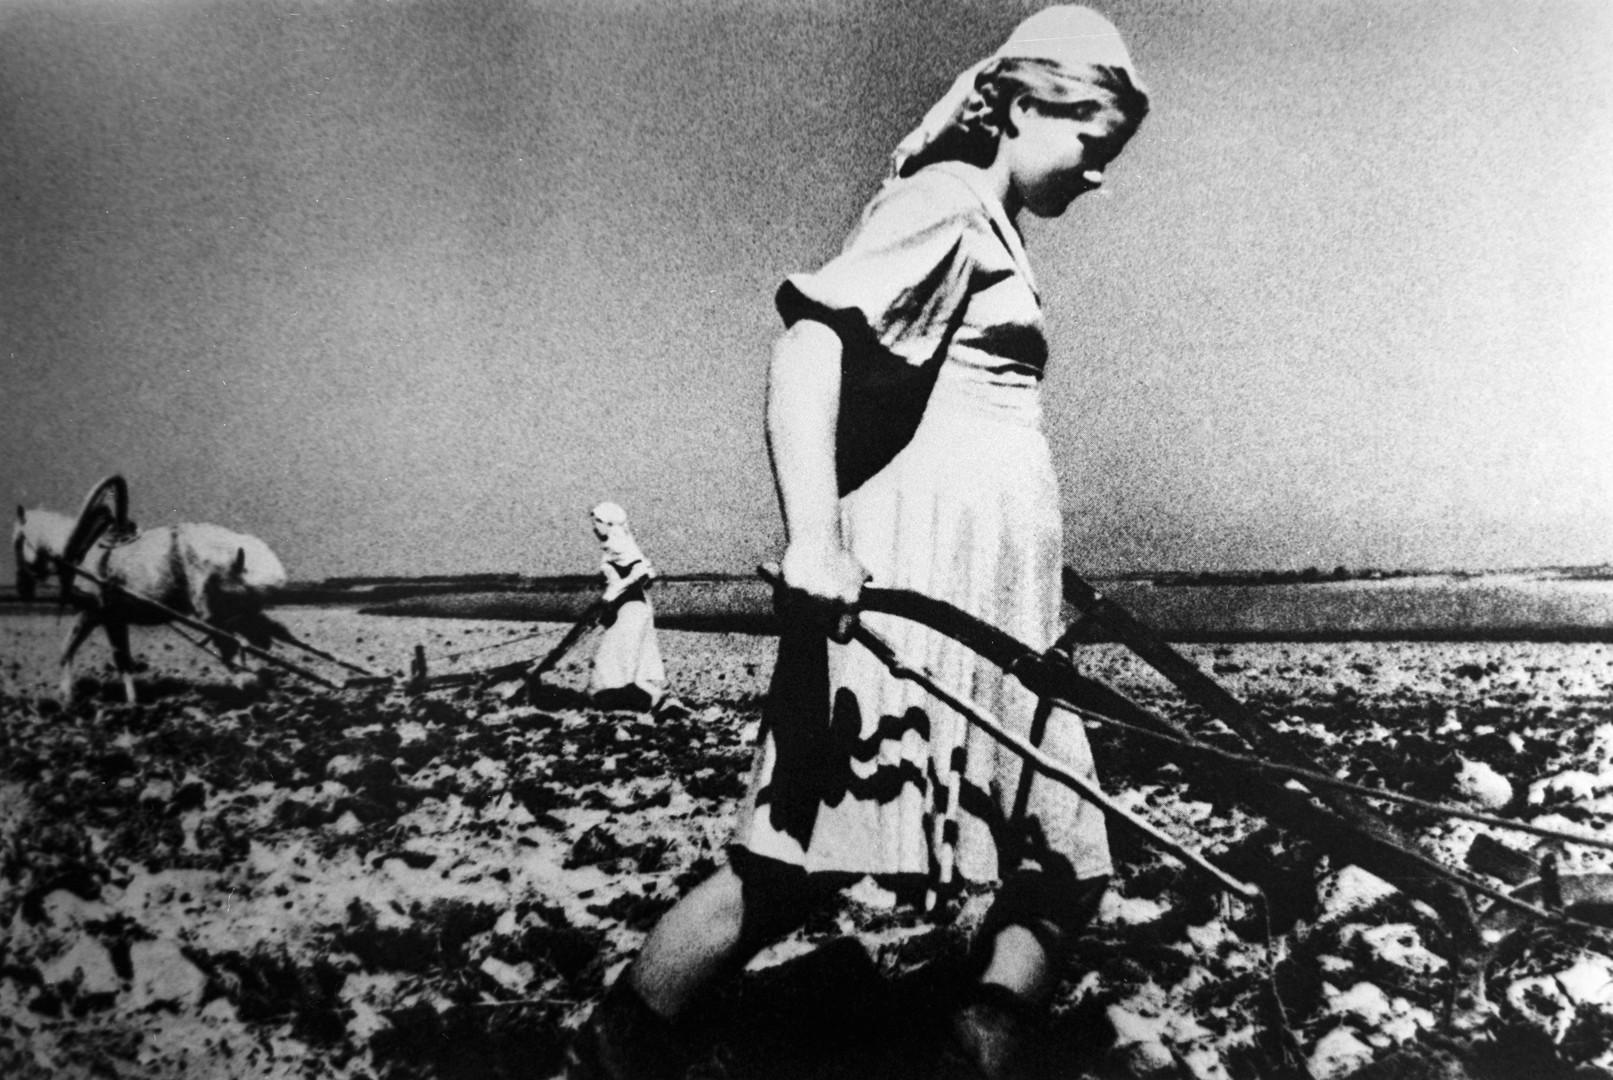 Während des Krieges mussten die Frauen Holz fällen sowie Anti-Panzergräben und Schützengräben ausheben. Aber auch die Arbeit auf den Feldern und in anderen Bereichen der Landwirtschaft blieb an ihnen hängen.